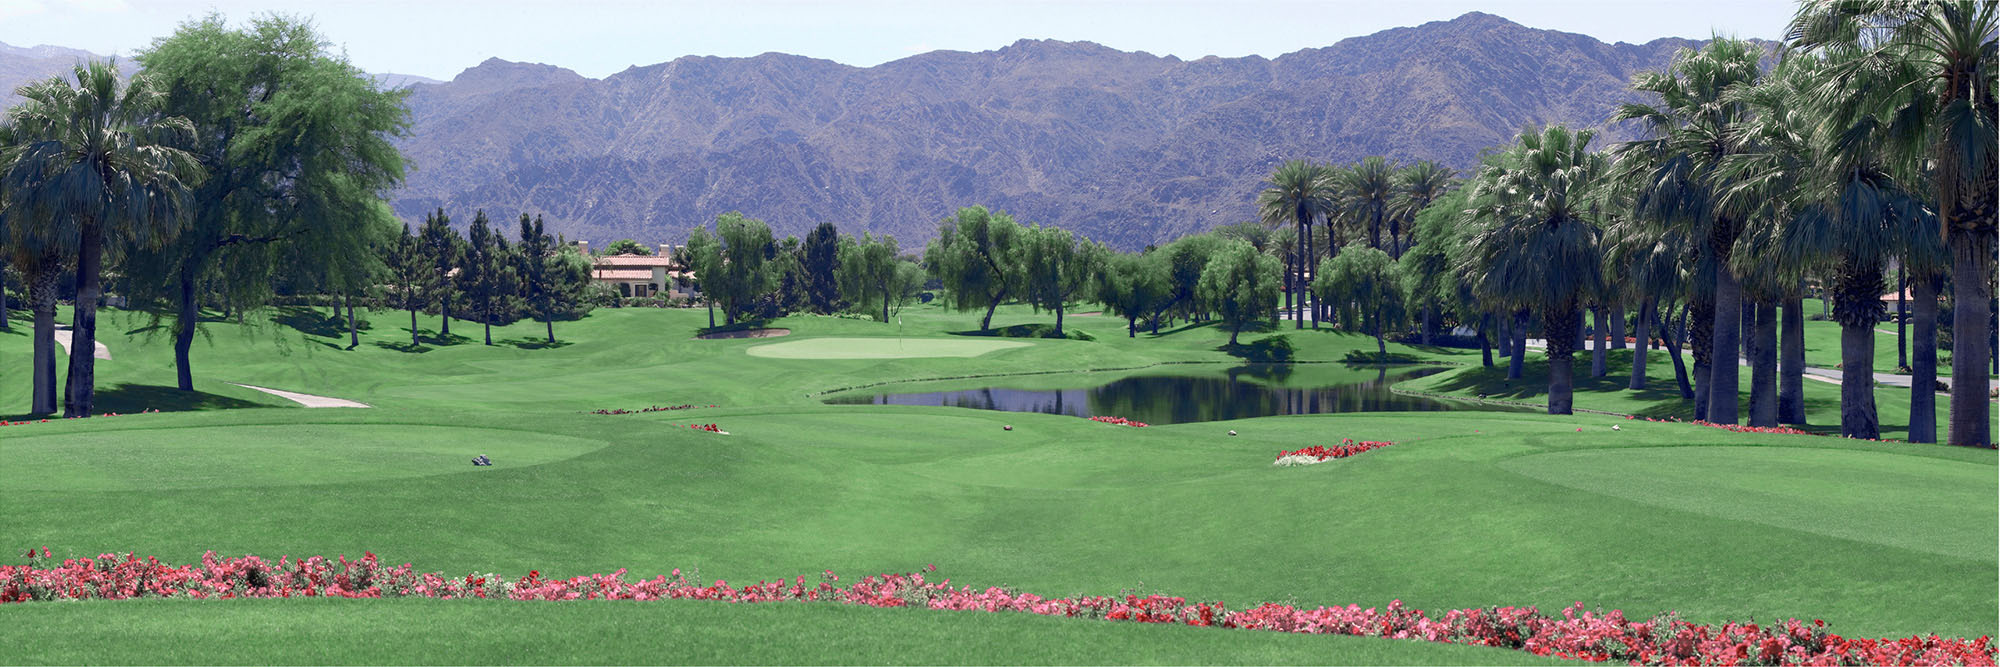 Golf Course Image - Rancho La Quinta Jones No. 2